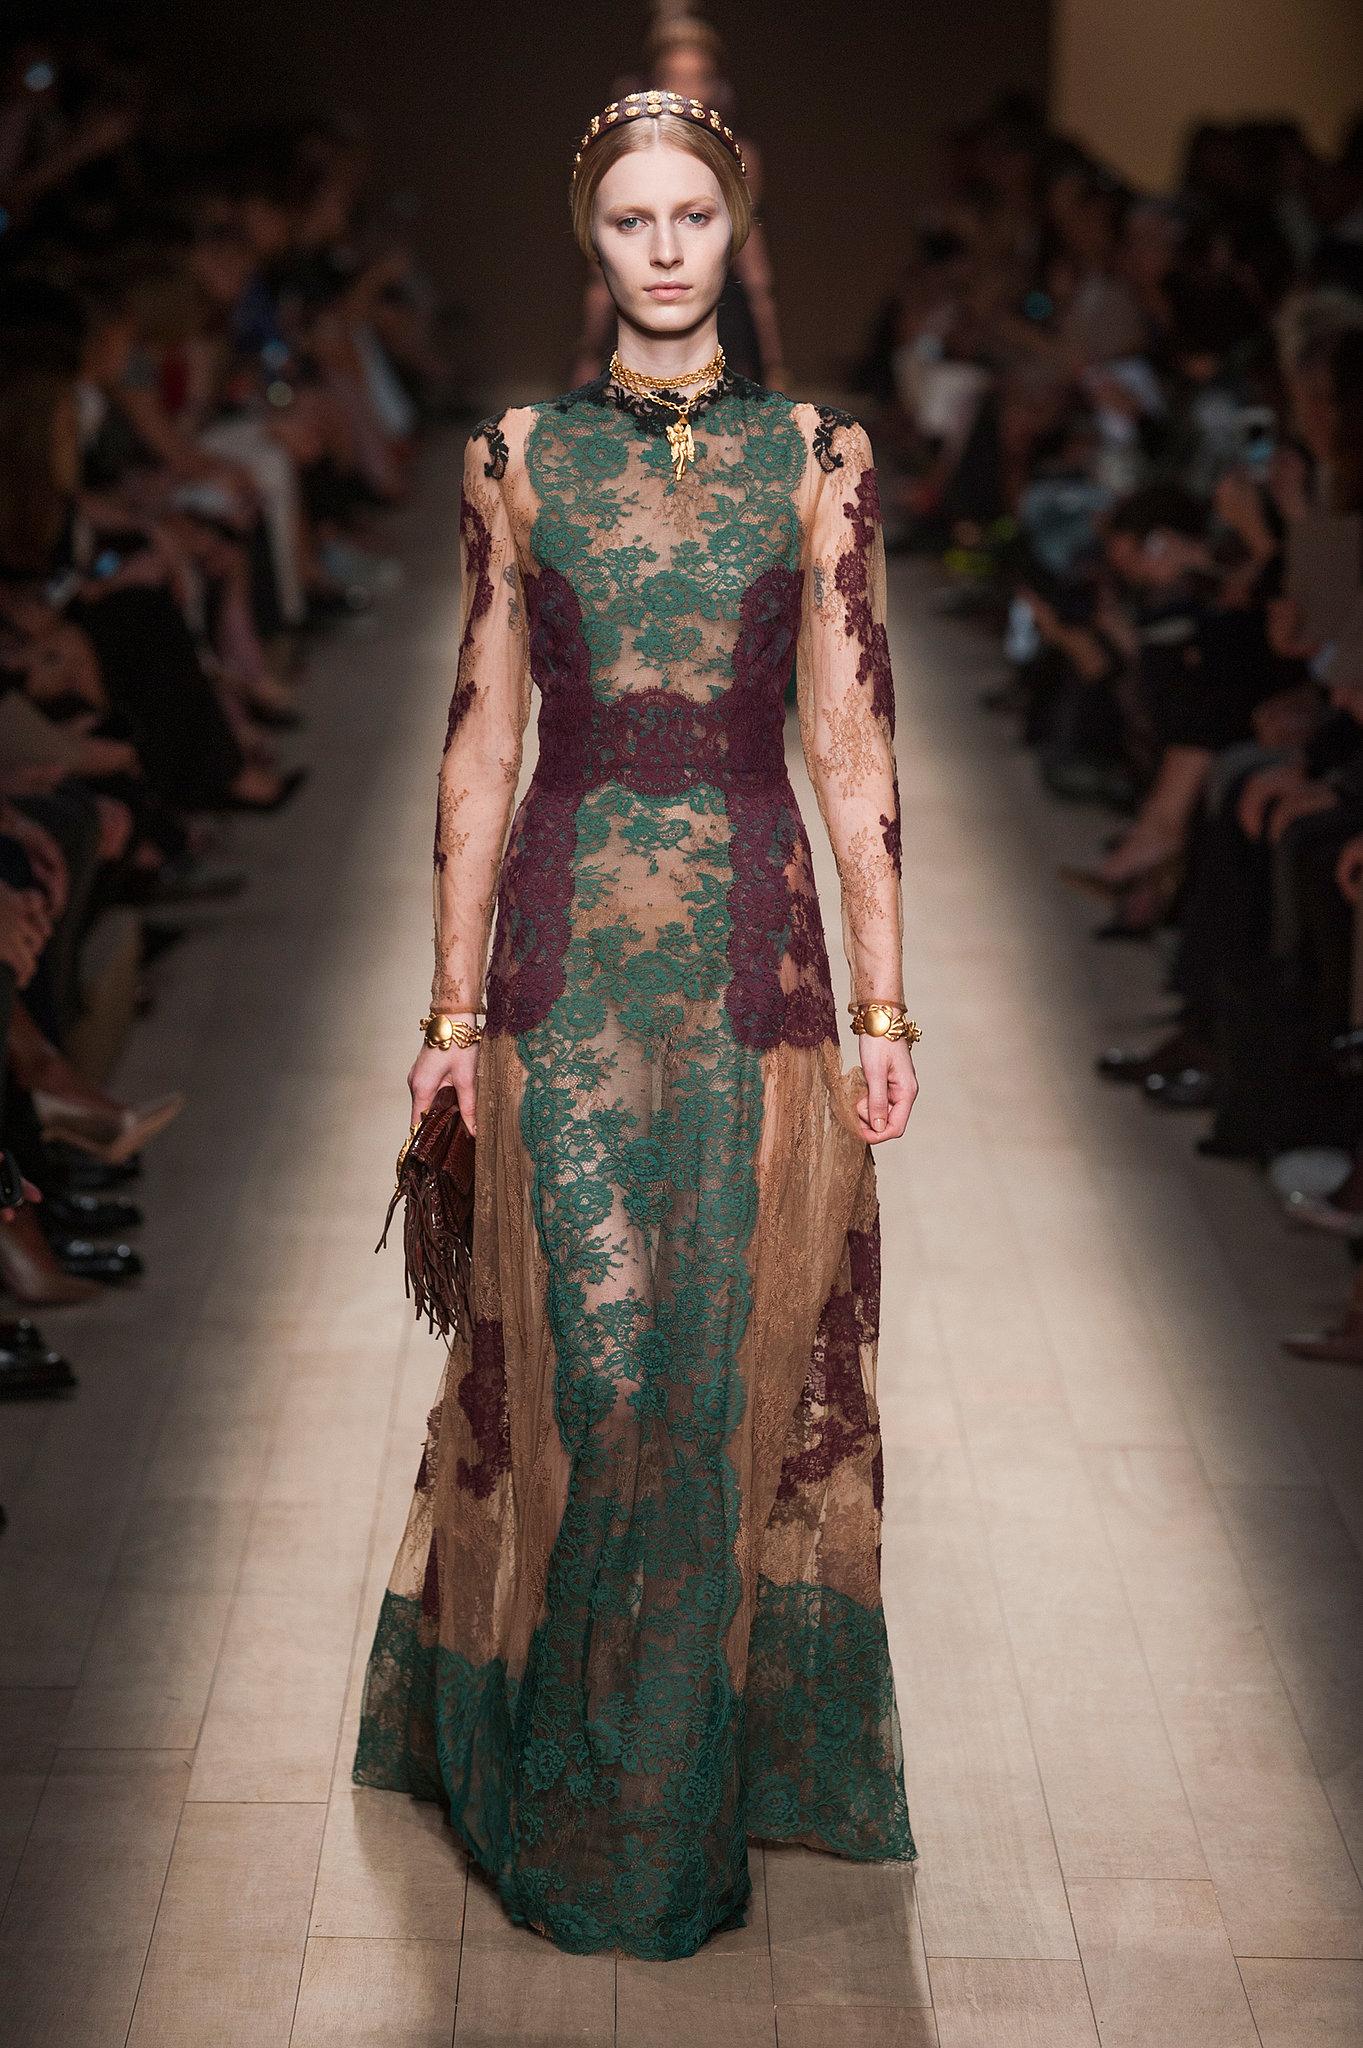 Stella mccartney fashion designs 59